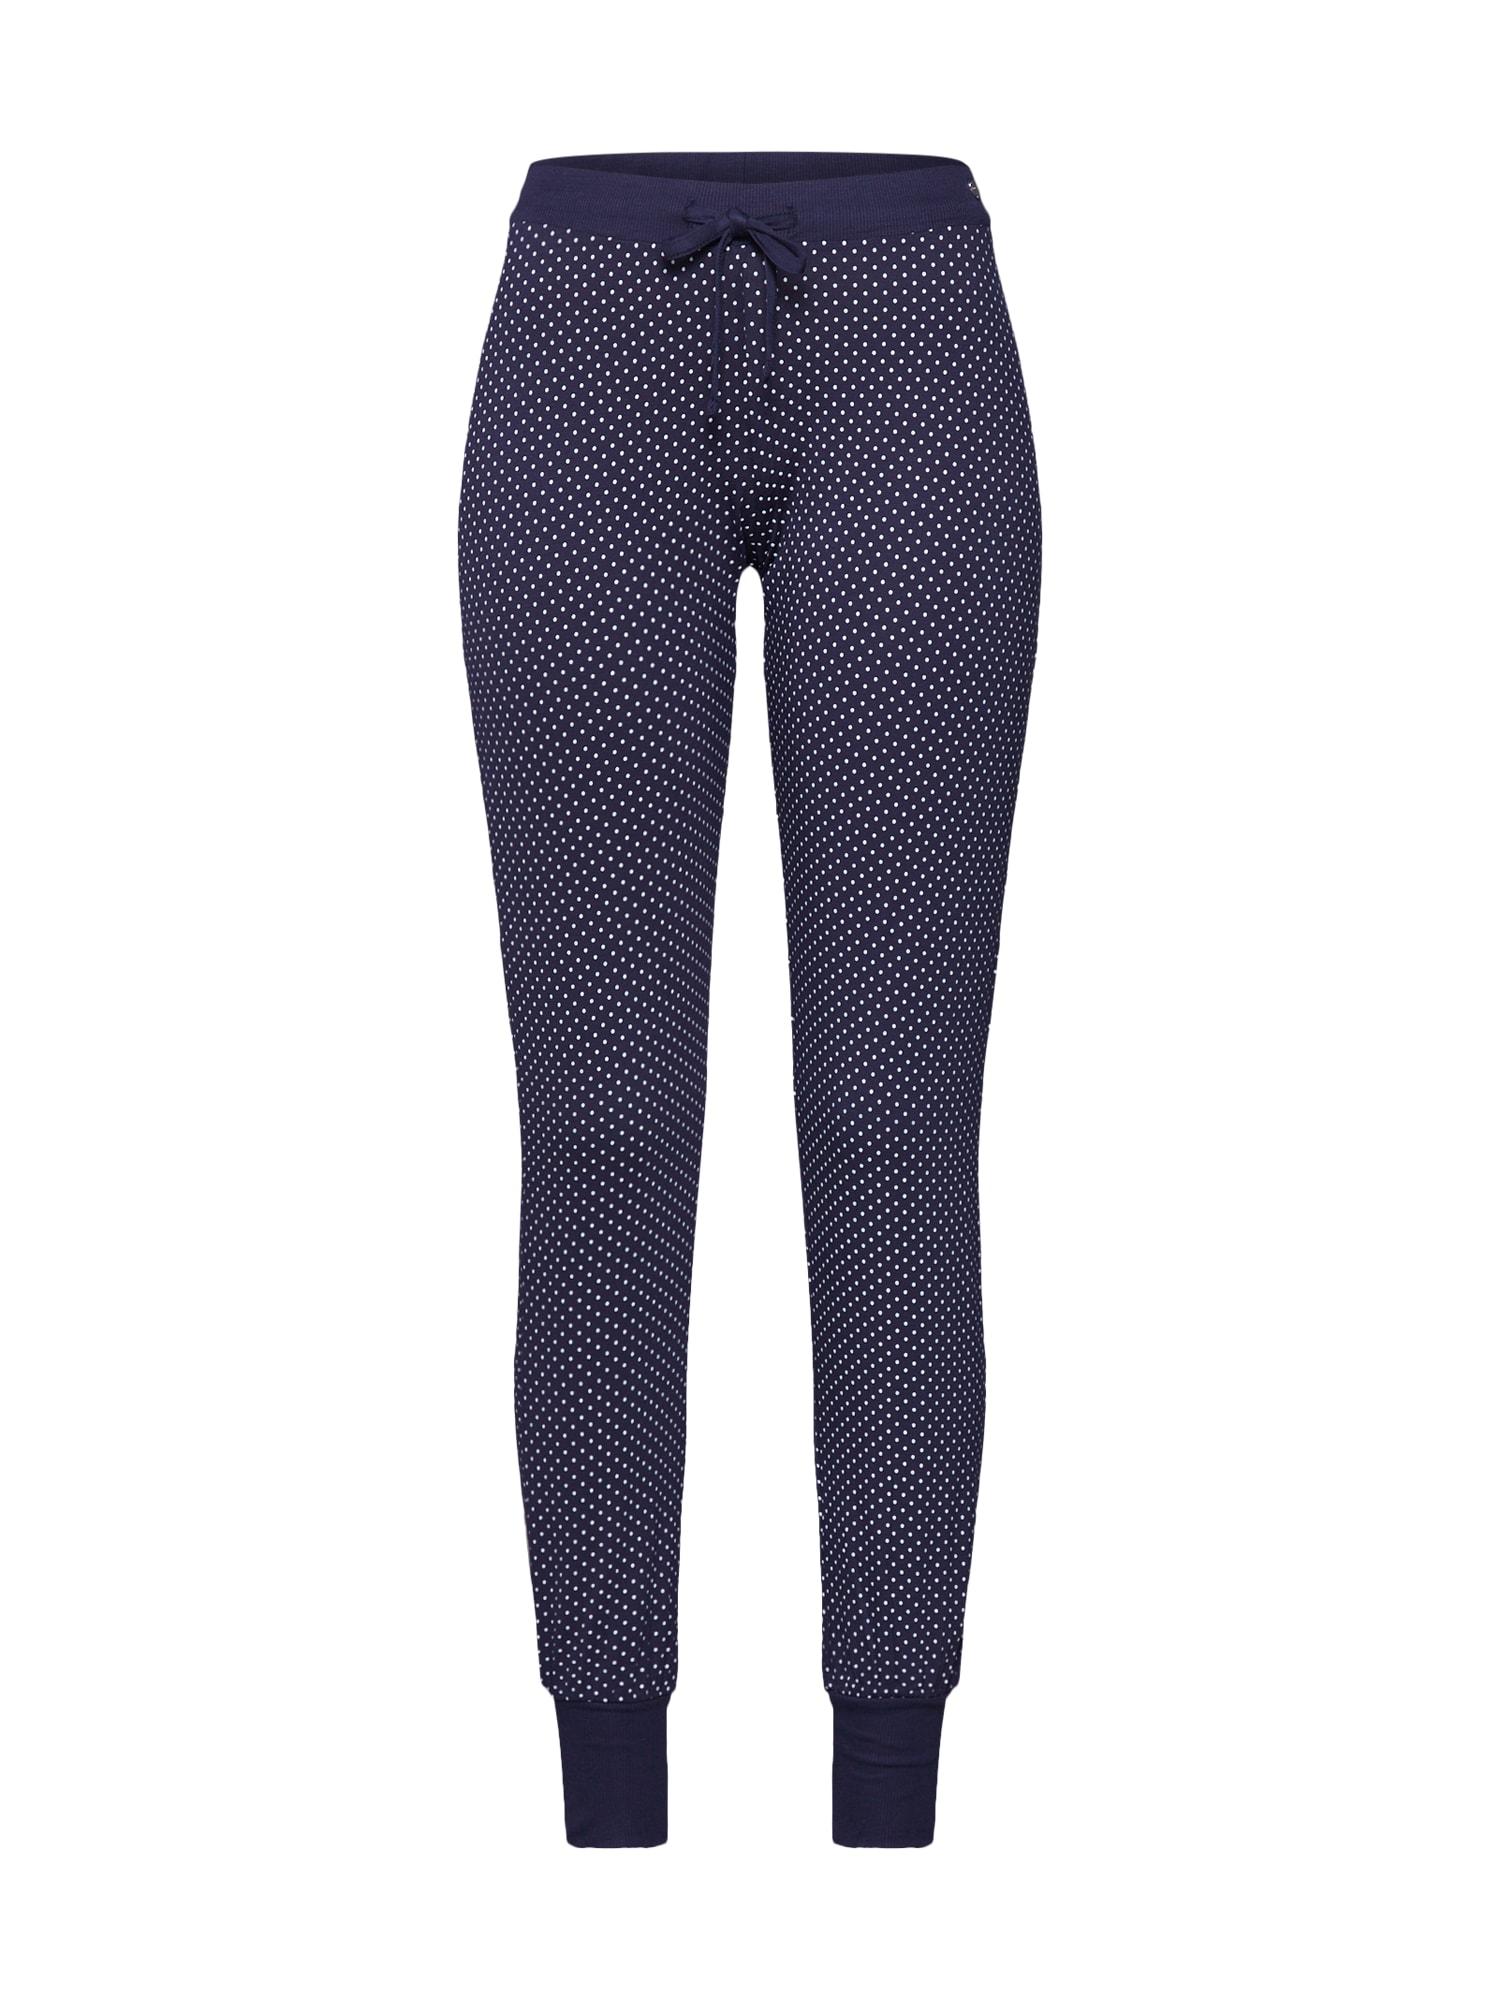 ESPRIT Pižaminės kelnės 'JAYLA' tamsiai mėlyna